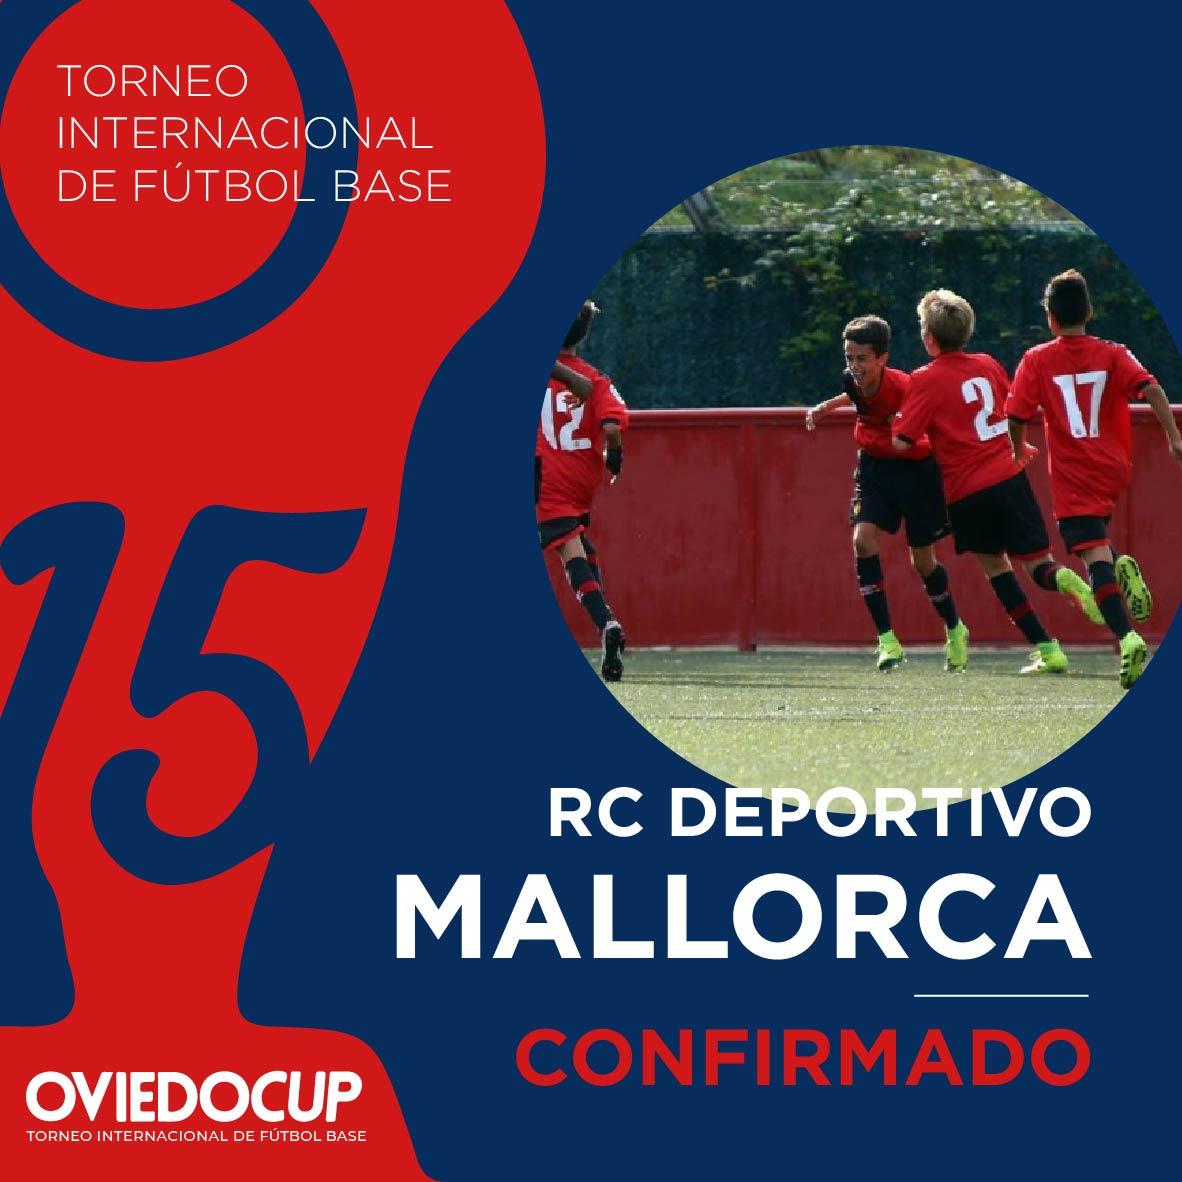   EQUIPO CONFIRMADO  ¡¡Es un orgullo que el club balear participe, un año más, en esta edición de la #OviedoCup2020!! @RCD_Mallorca  #TorneoInternacional #FútboBase #OviedoCup #XVEdición #SemanaSantapic.twitter.com/bE1G0BScOQ